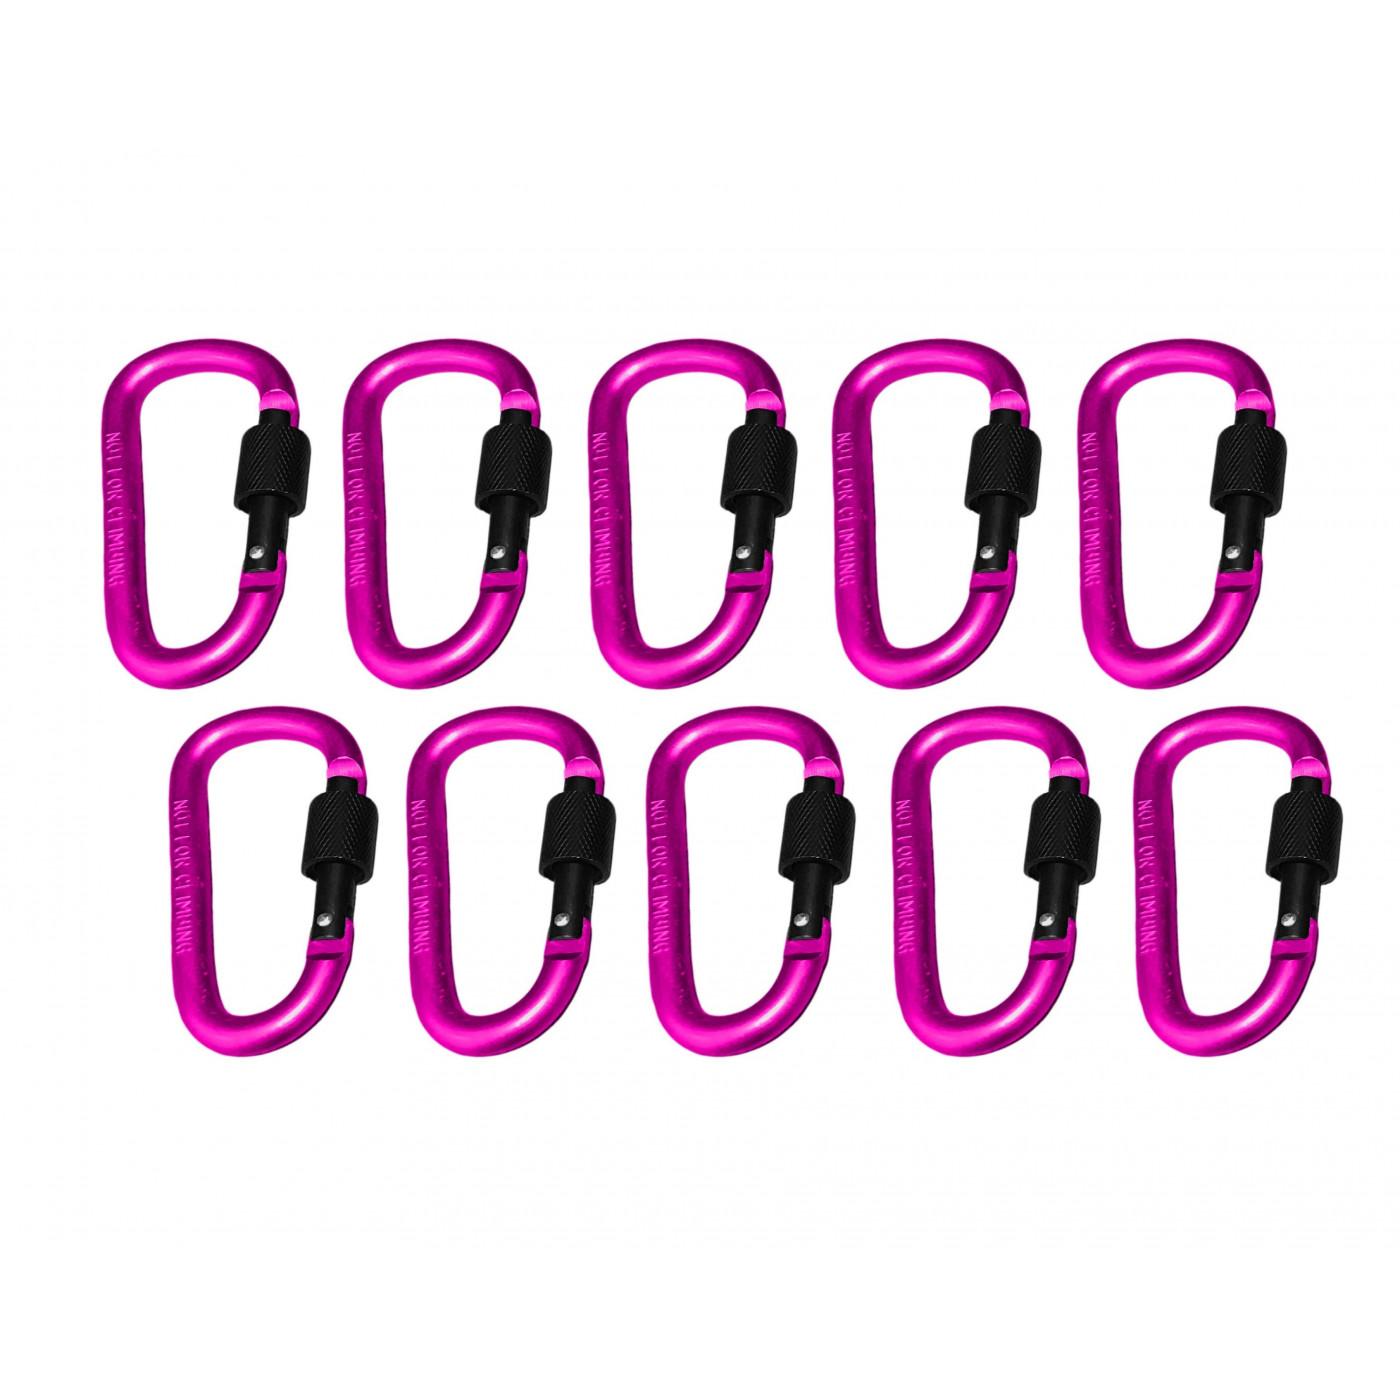 Set van 10 Karabiner, Farbe 10: pink, 100 kg